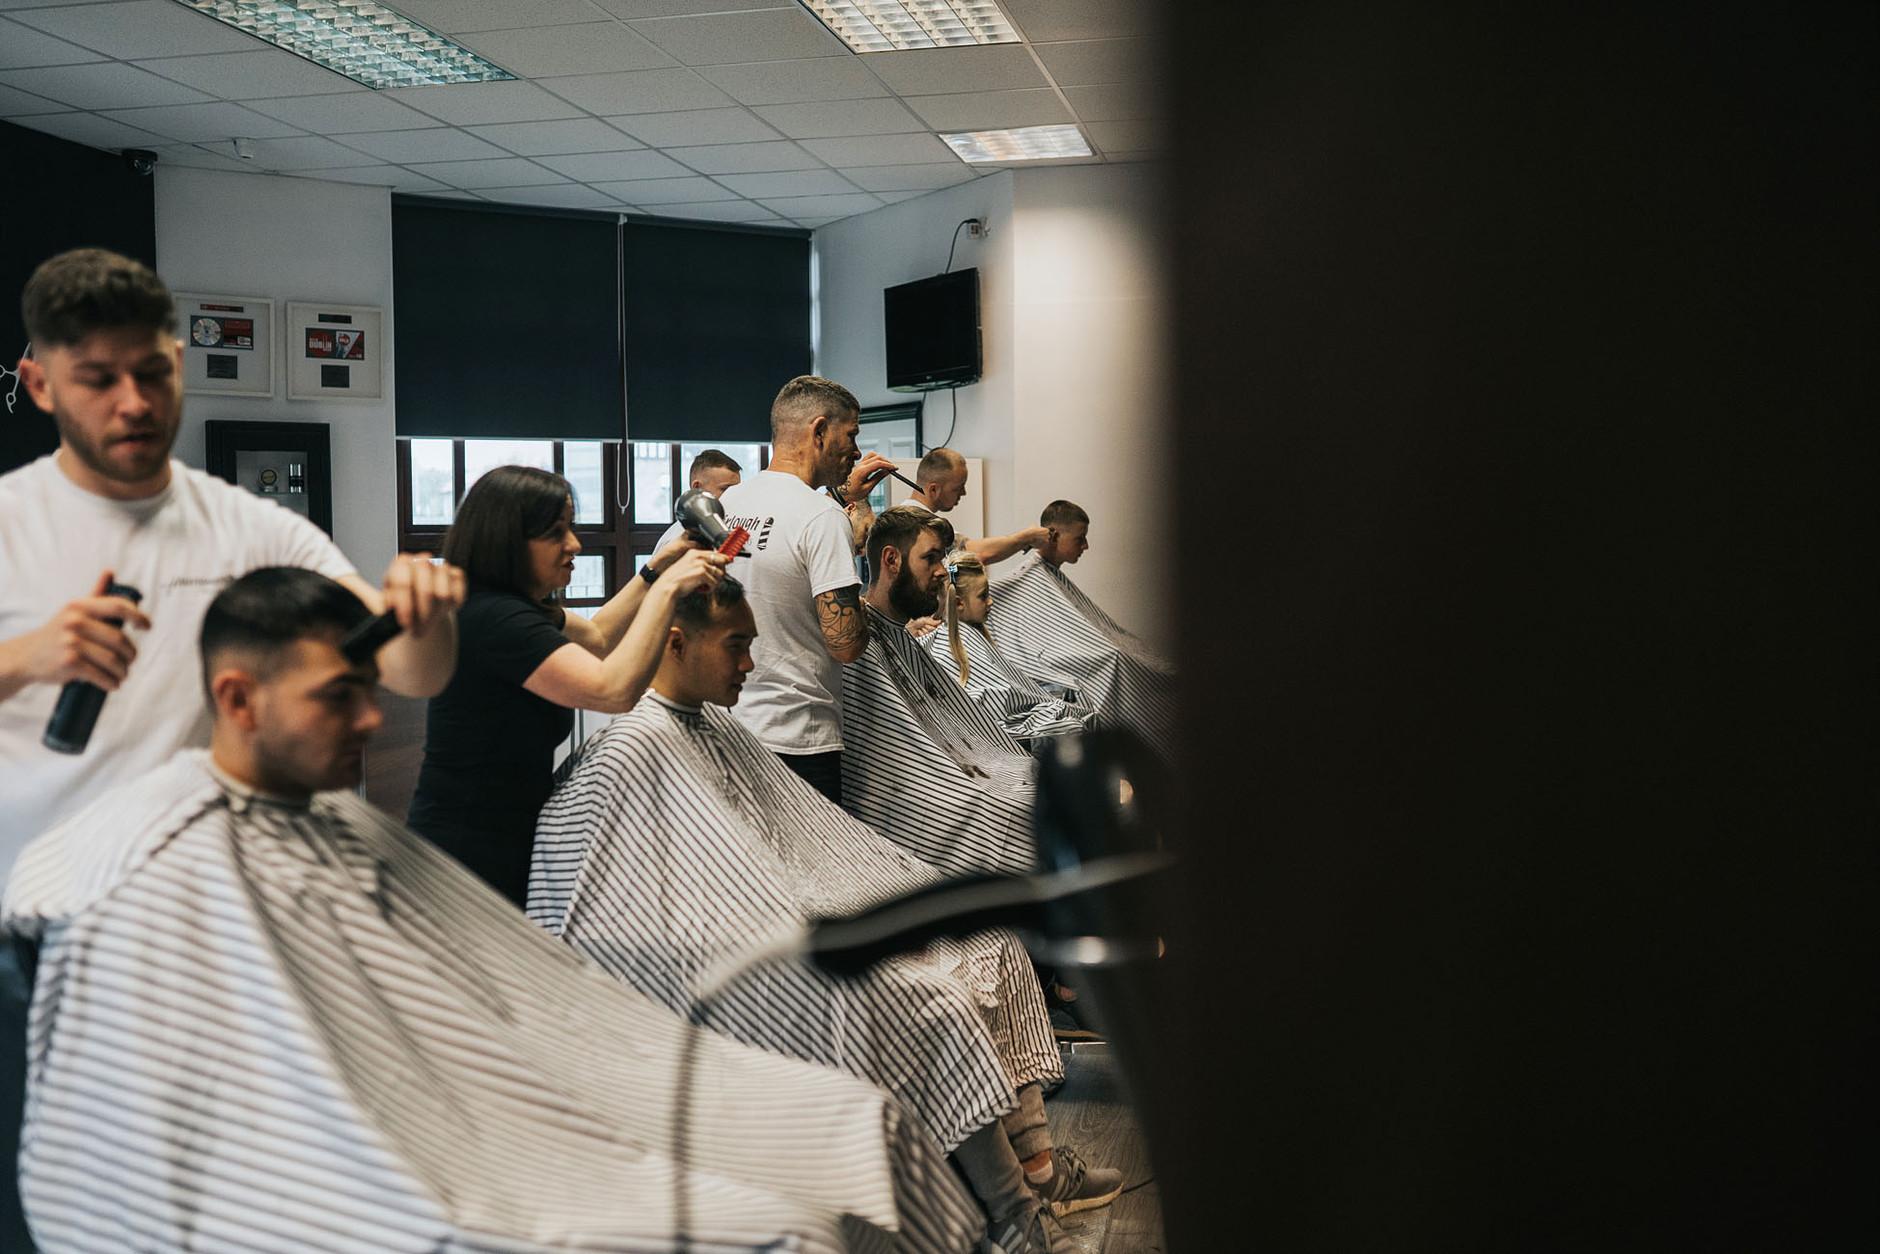 dublin-documentary-family-photography-finn-haircut-0009.jpg